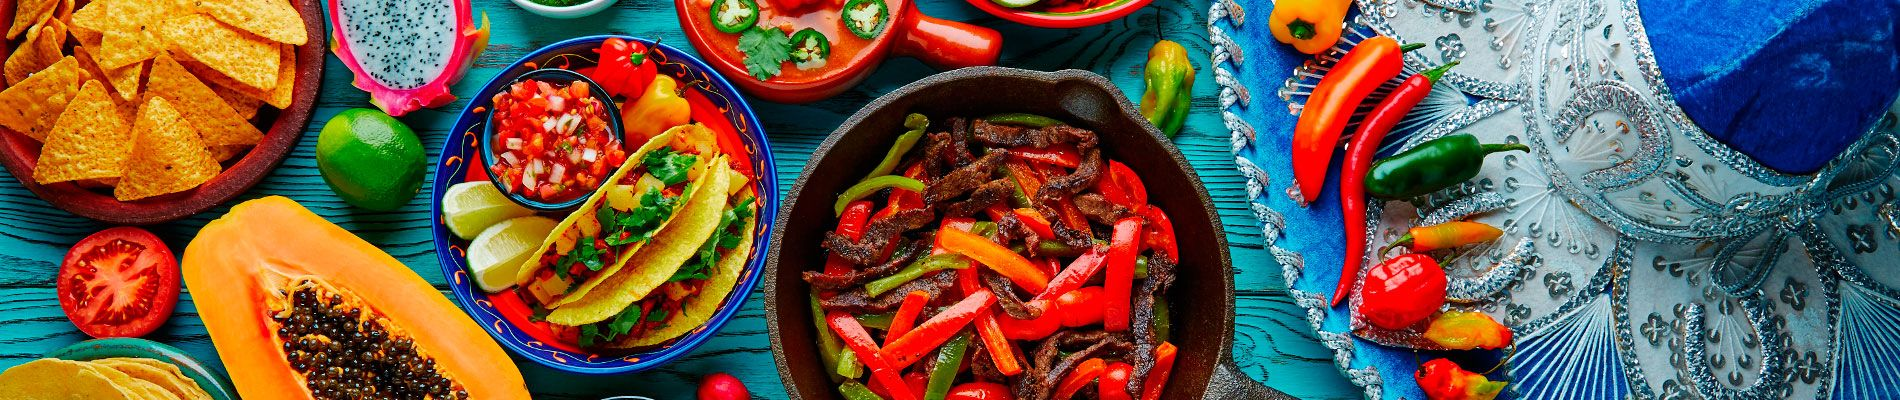 mexique-gastronomie-st